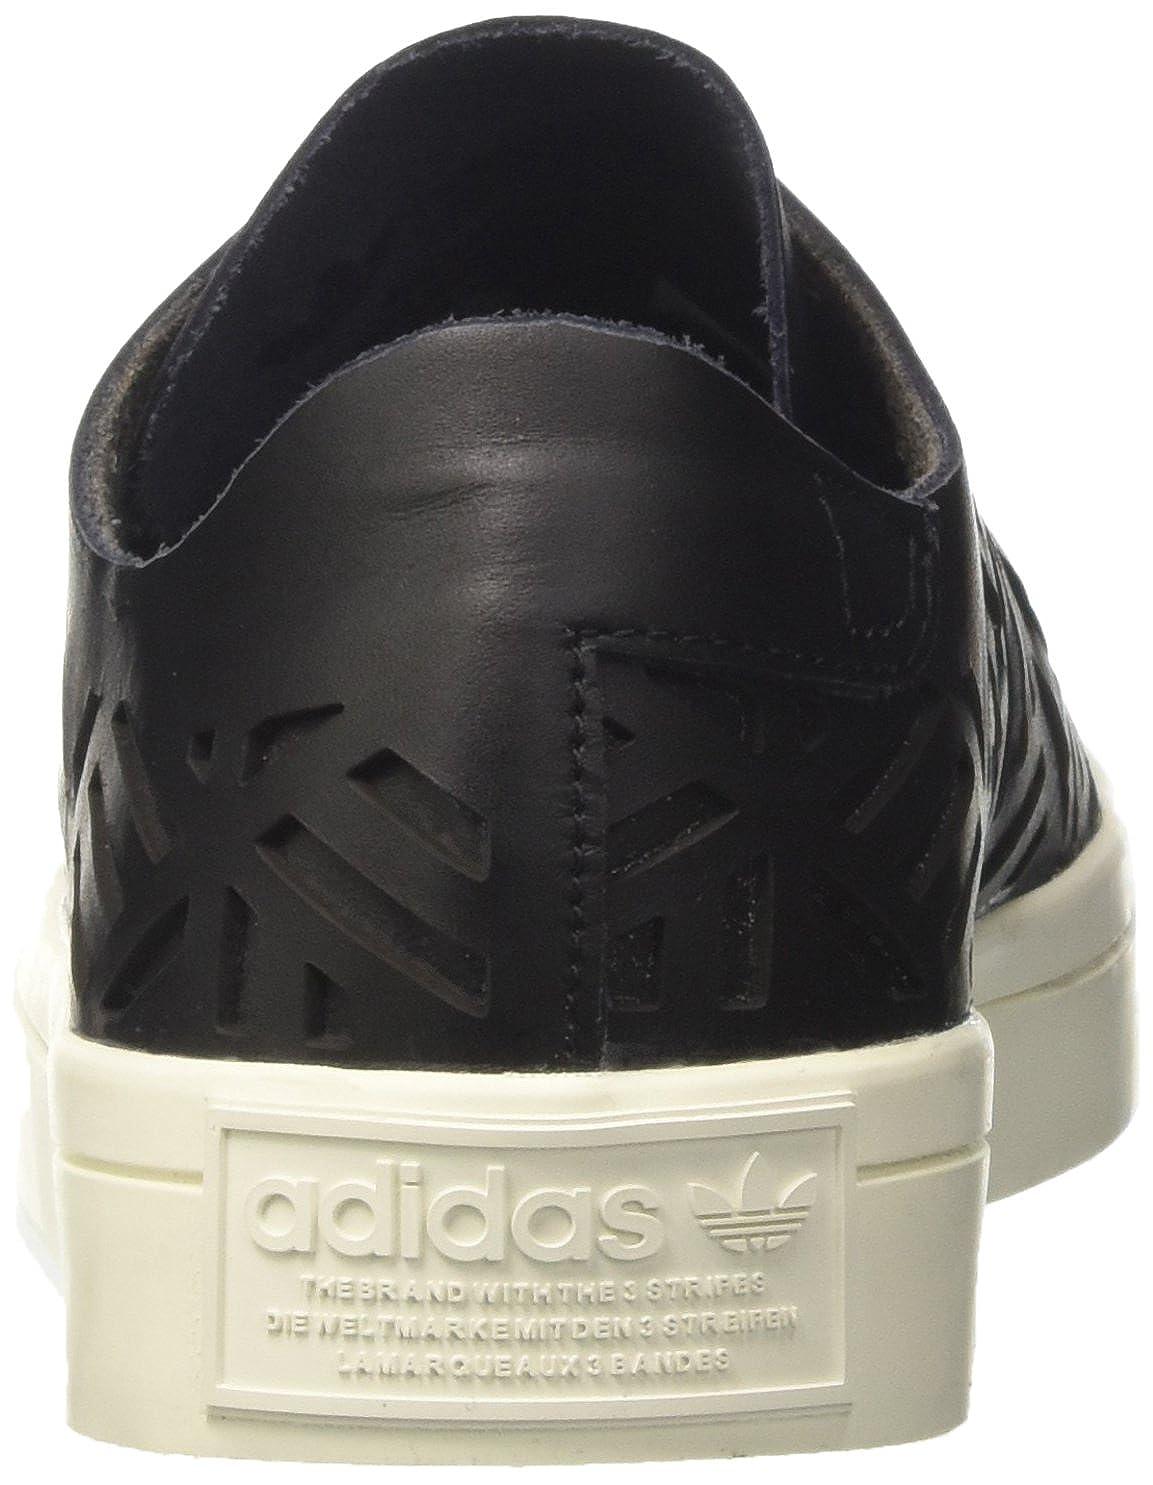 buy popular e830e 612b3 adidas Courtvantage Cutout Chaussures de Tennis Femme  Amazon.fr   Chaussures et Sacs